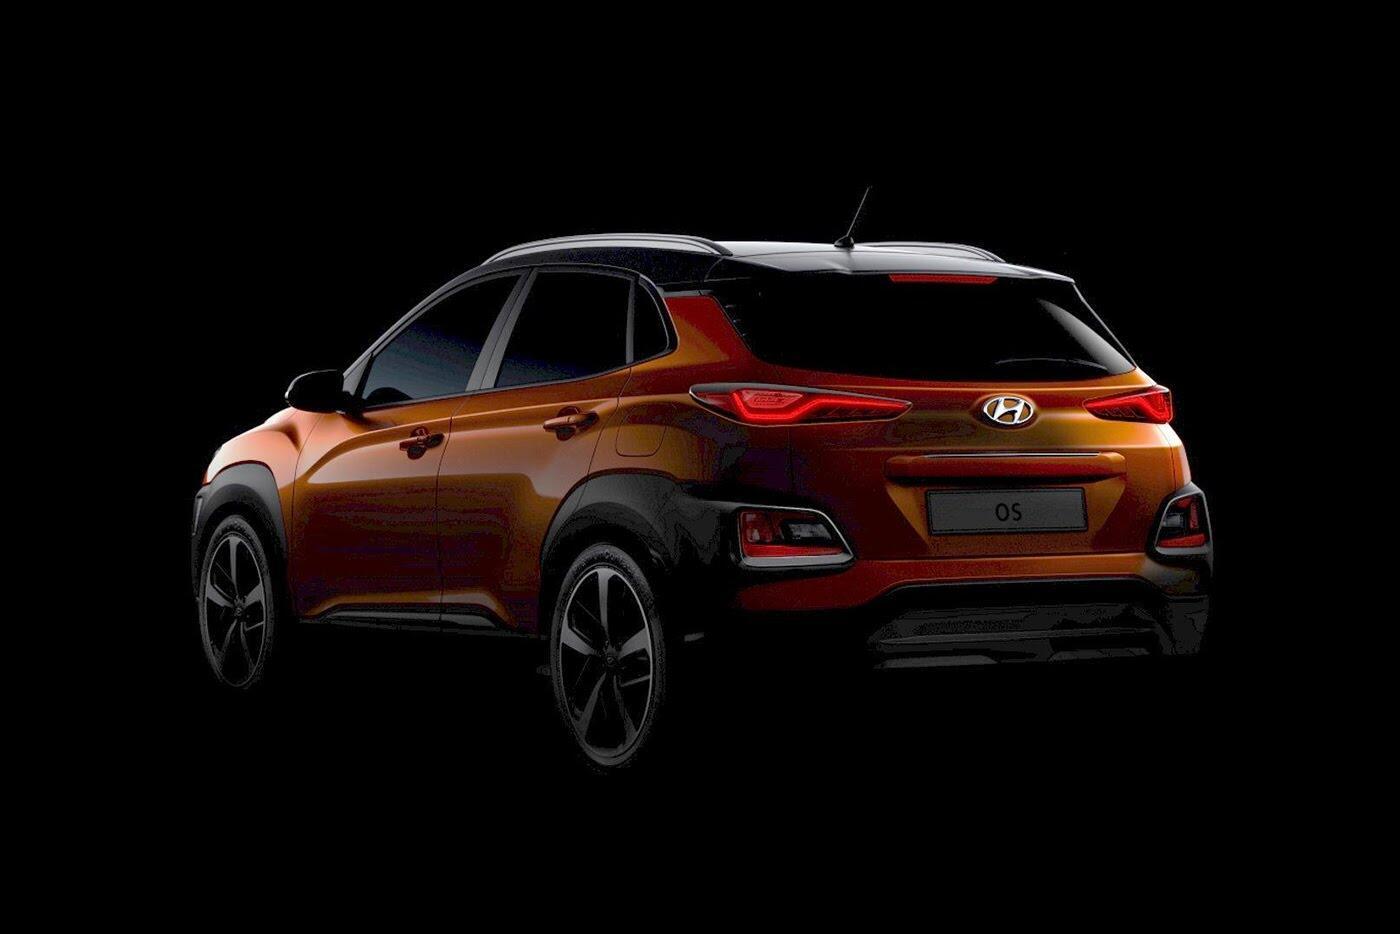 """Hyundai tiếp tục """"nhá hàng"""" SUV cỡ nhỏ Kona 2018 - Hình 1"""